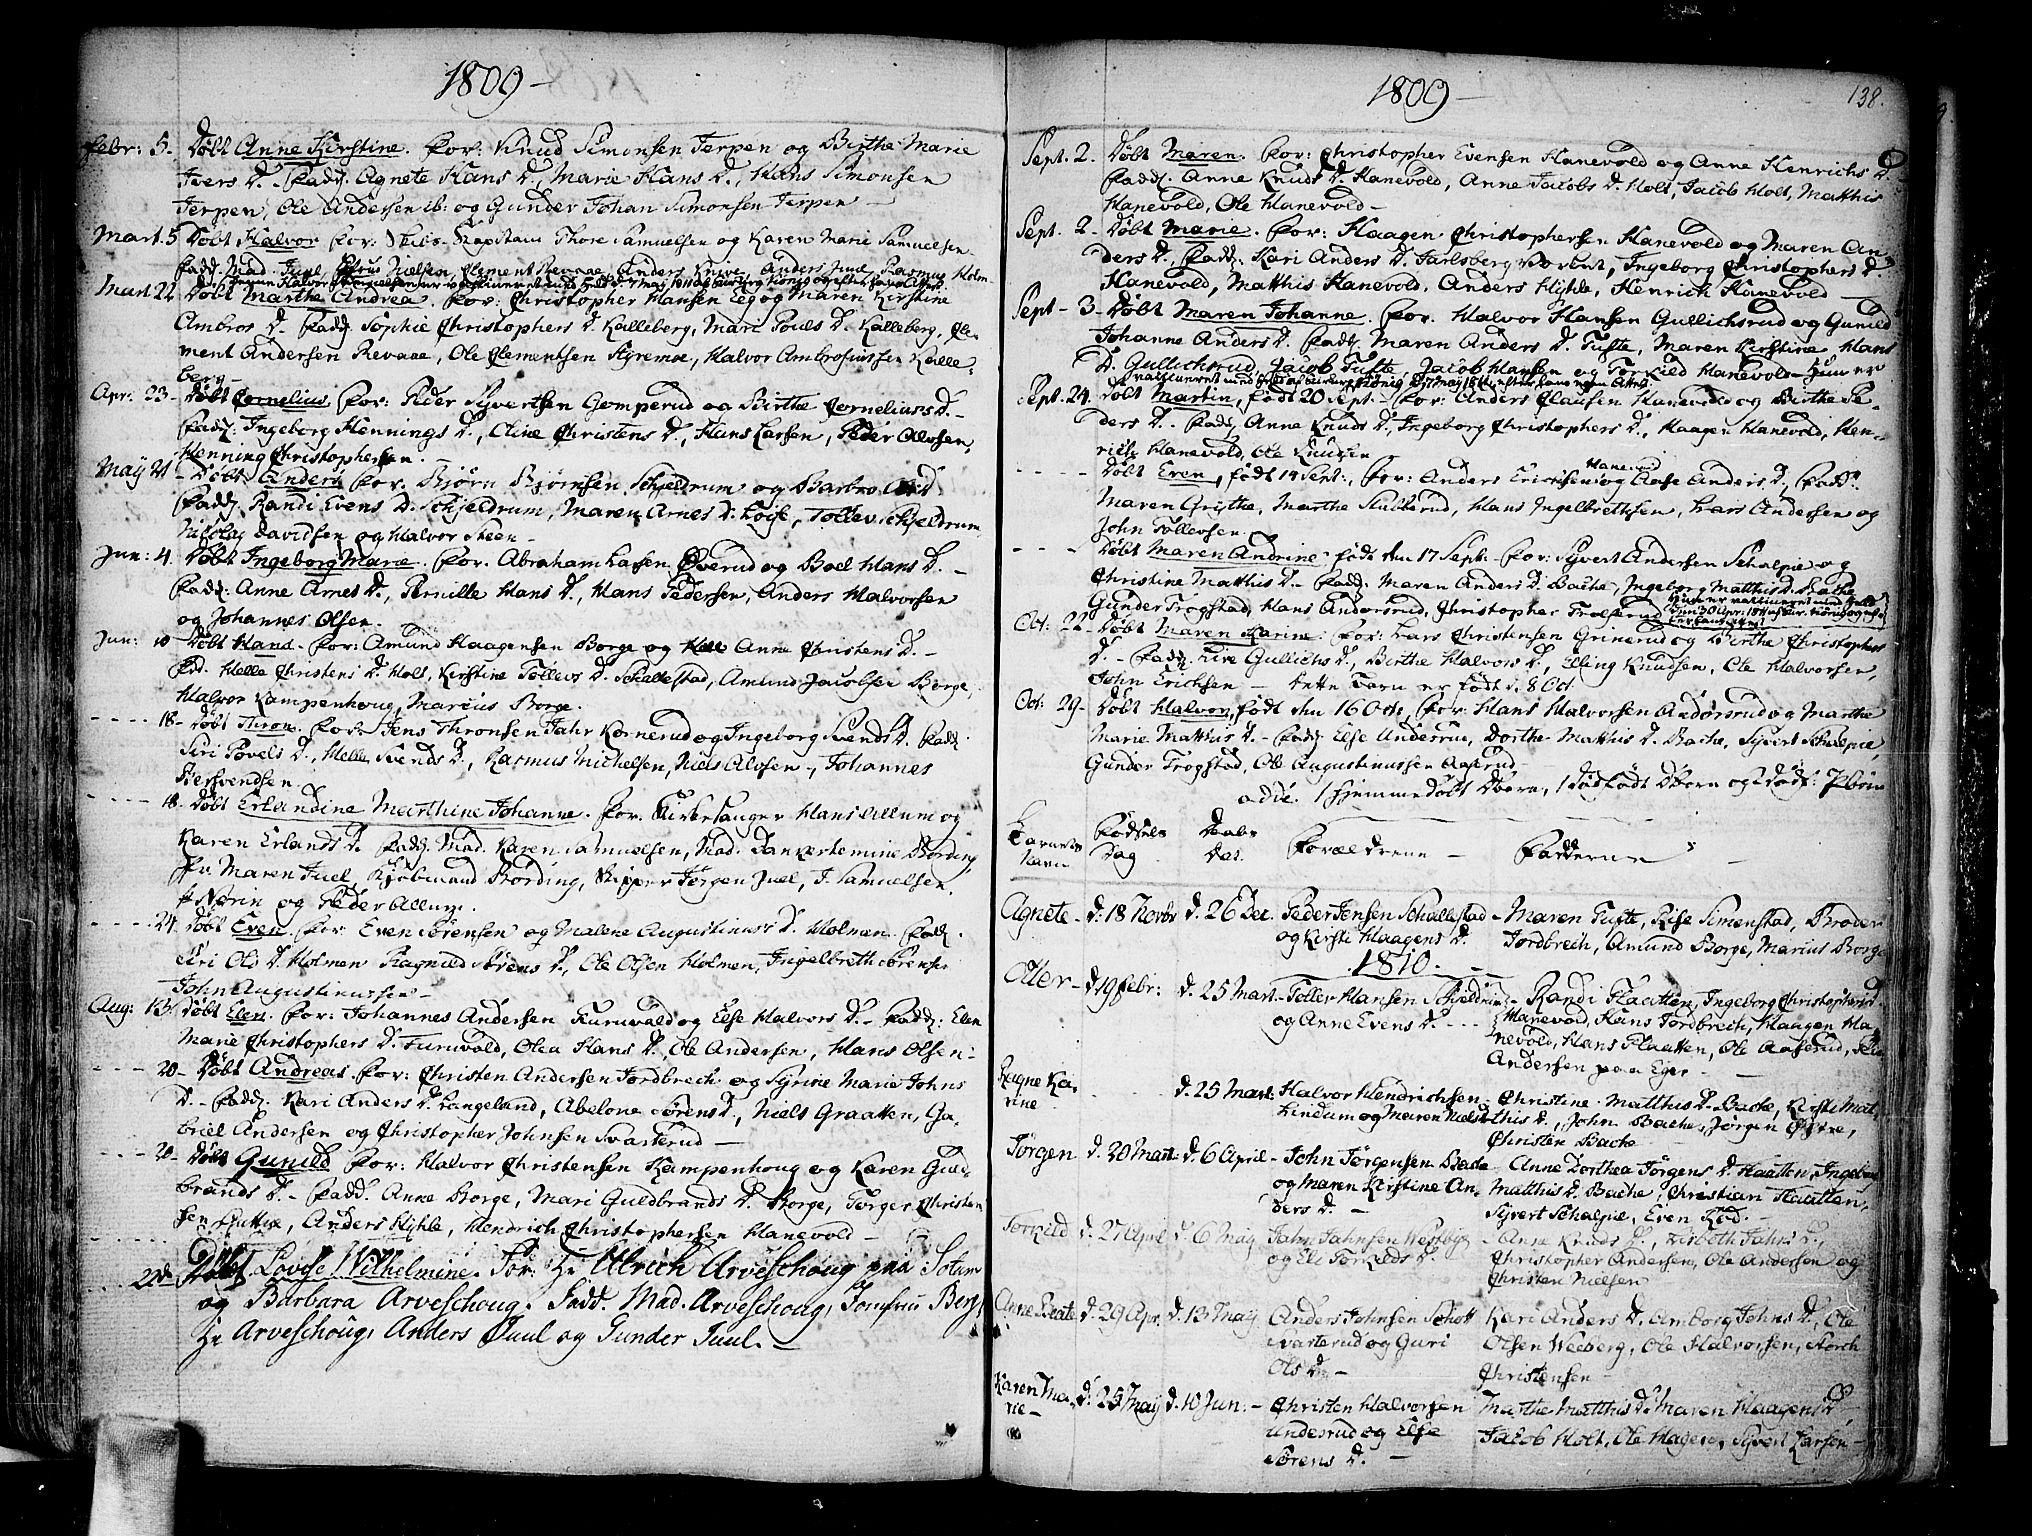 SAKO, Skoger kirkebøker, F/Fa/L0001: Ministerialbok nr. I 1, 1746-1814, s. 138